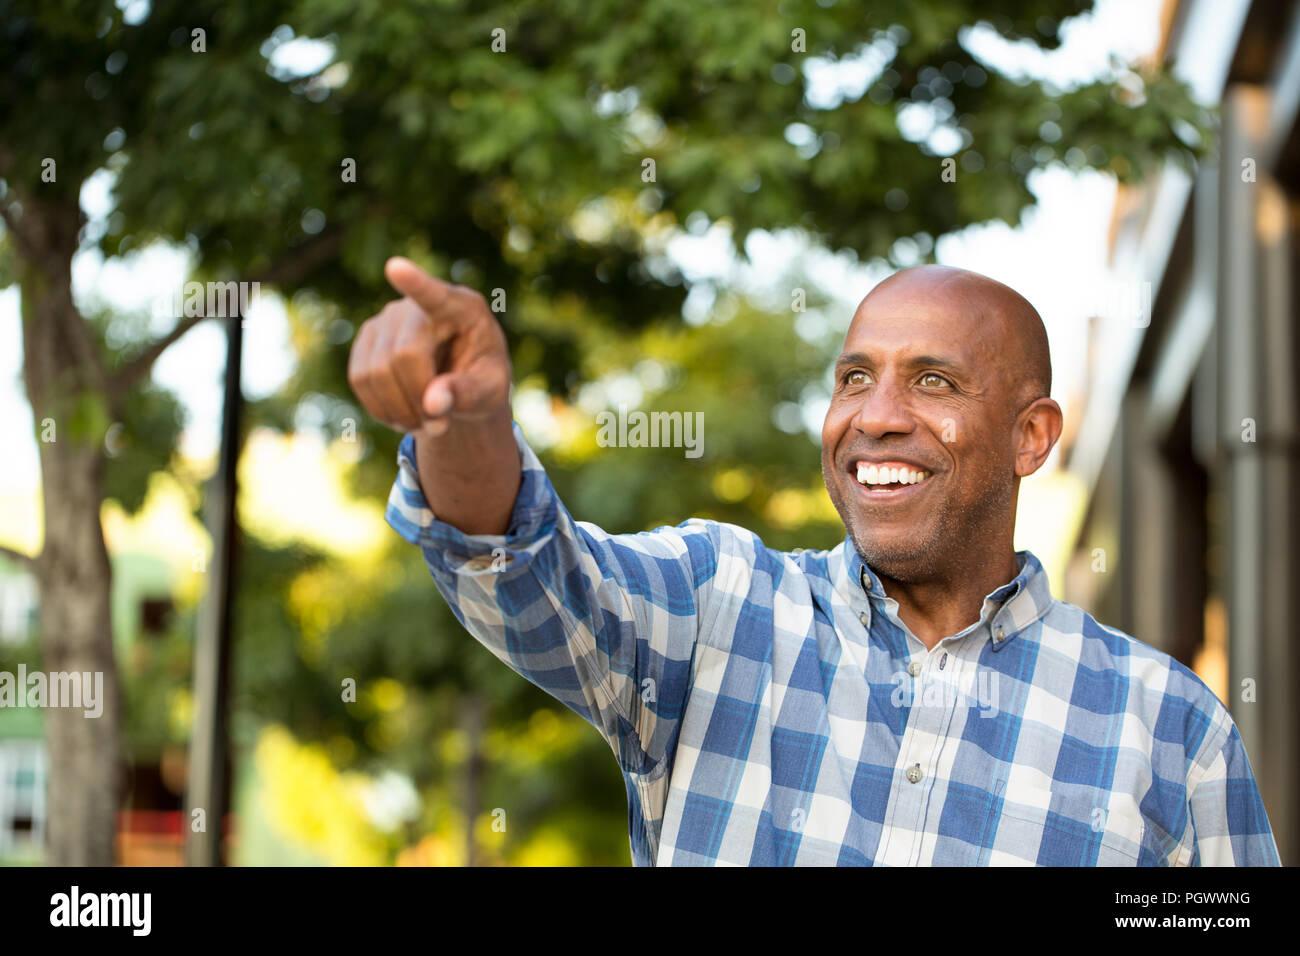 Hombre afroamericano sonriente y apuntando lejos de la cámara. Imagen De Stock